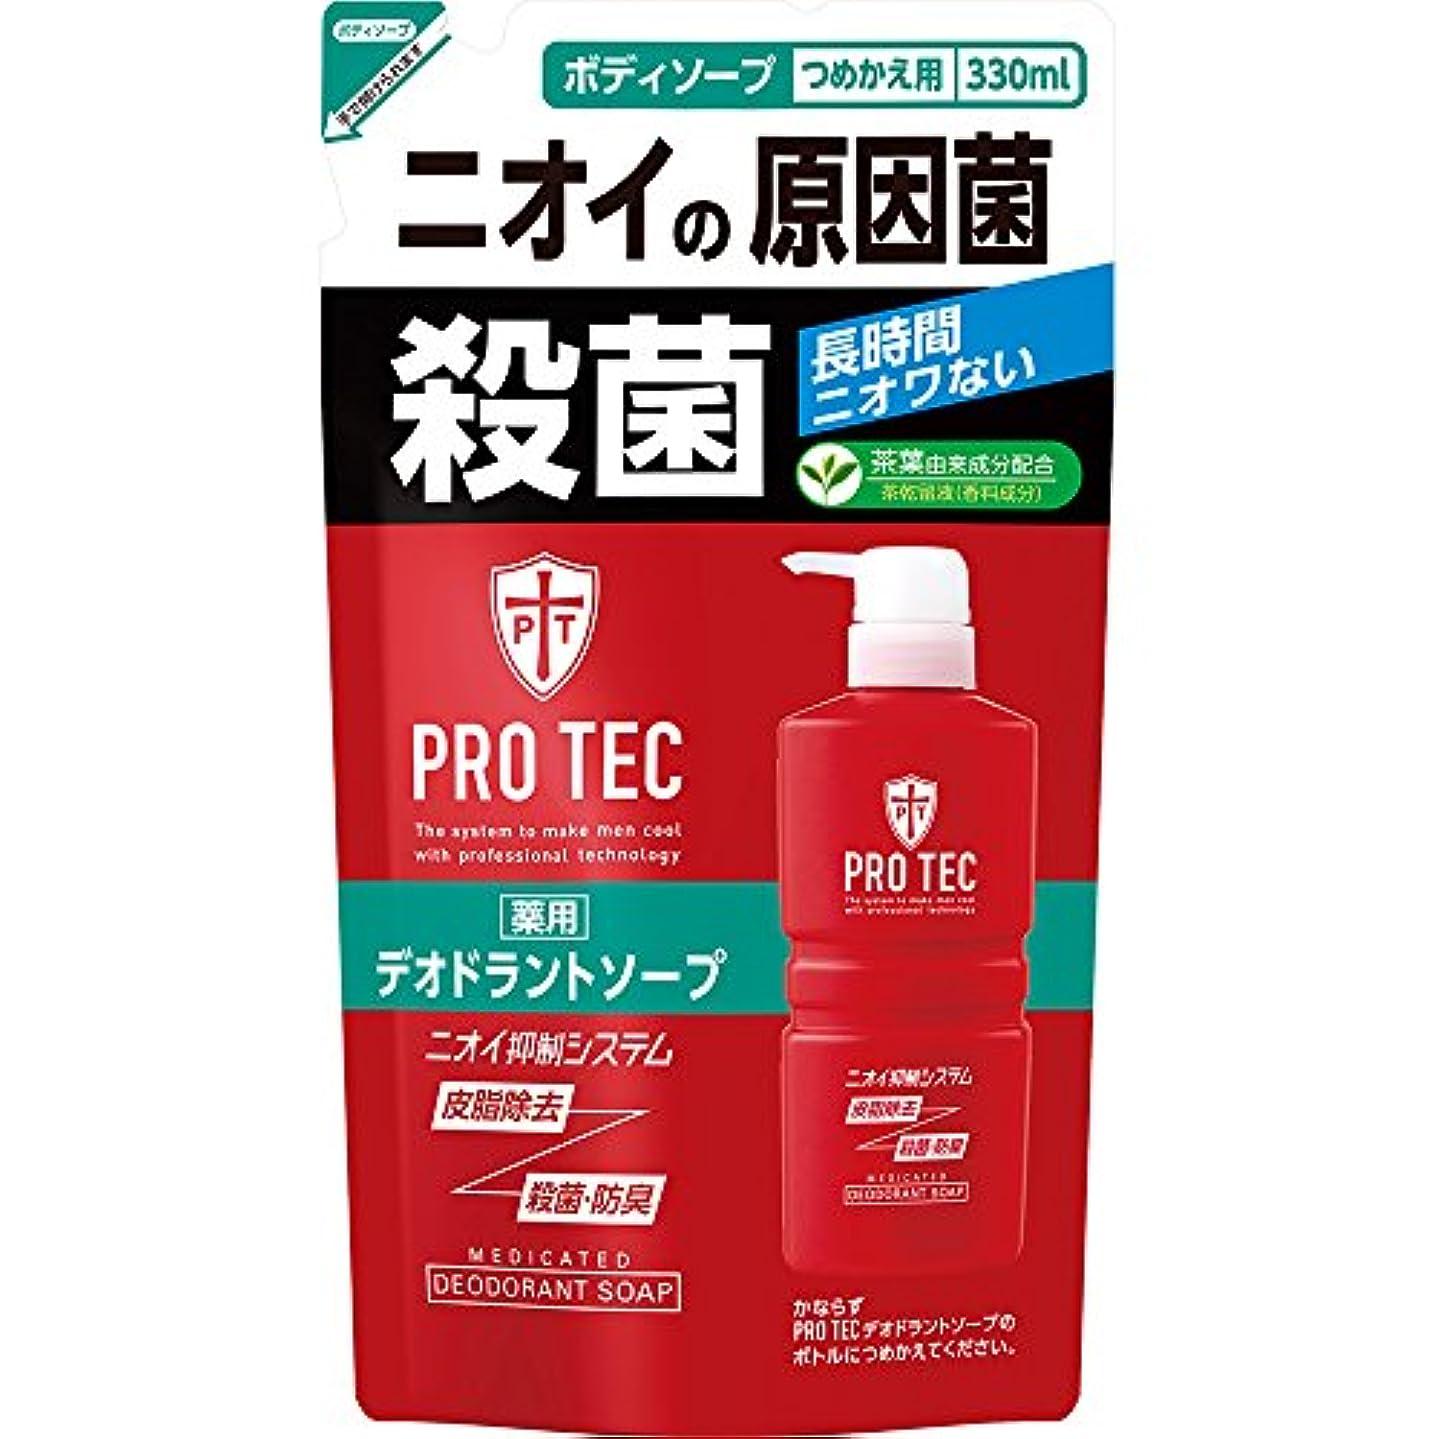 国内の苦脱獄PRO TEC(プロテク) デオドラントソープ 詰め替え 330ml(医薬部外品)